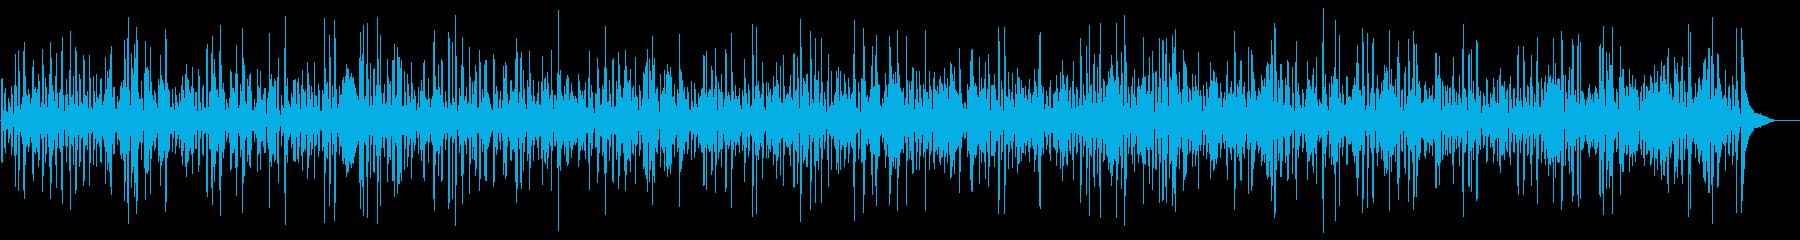 おしゃれでかっこいいアコーディオンジャズの再生済みの波形